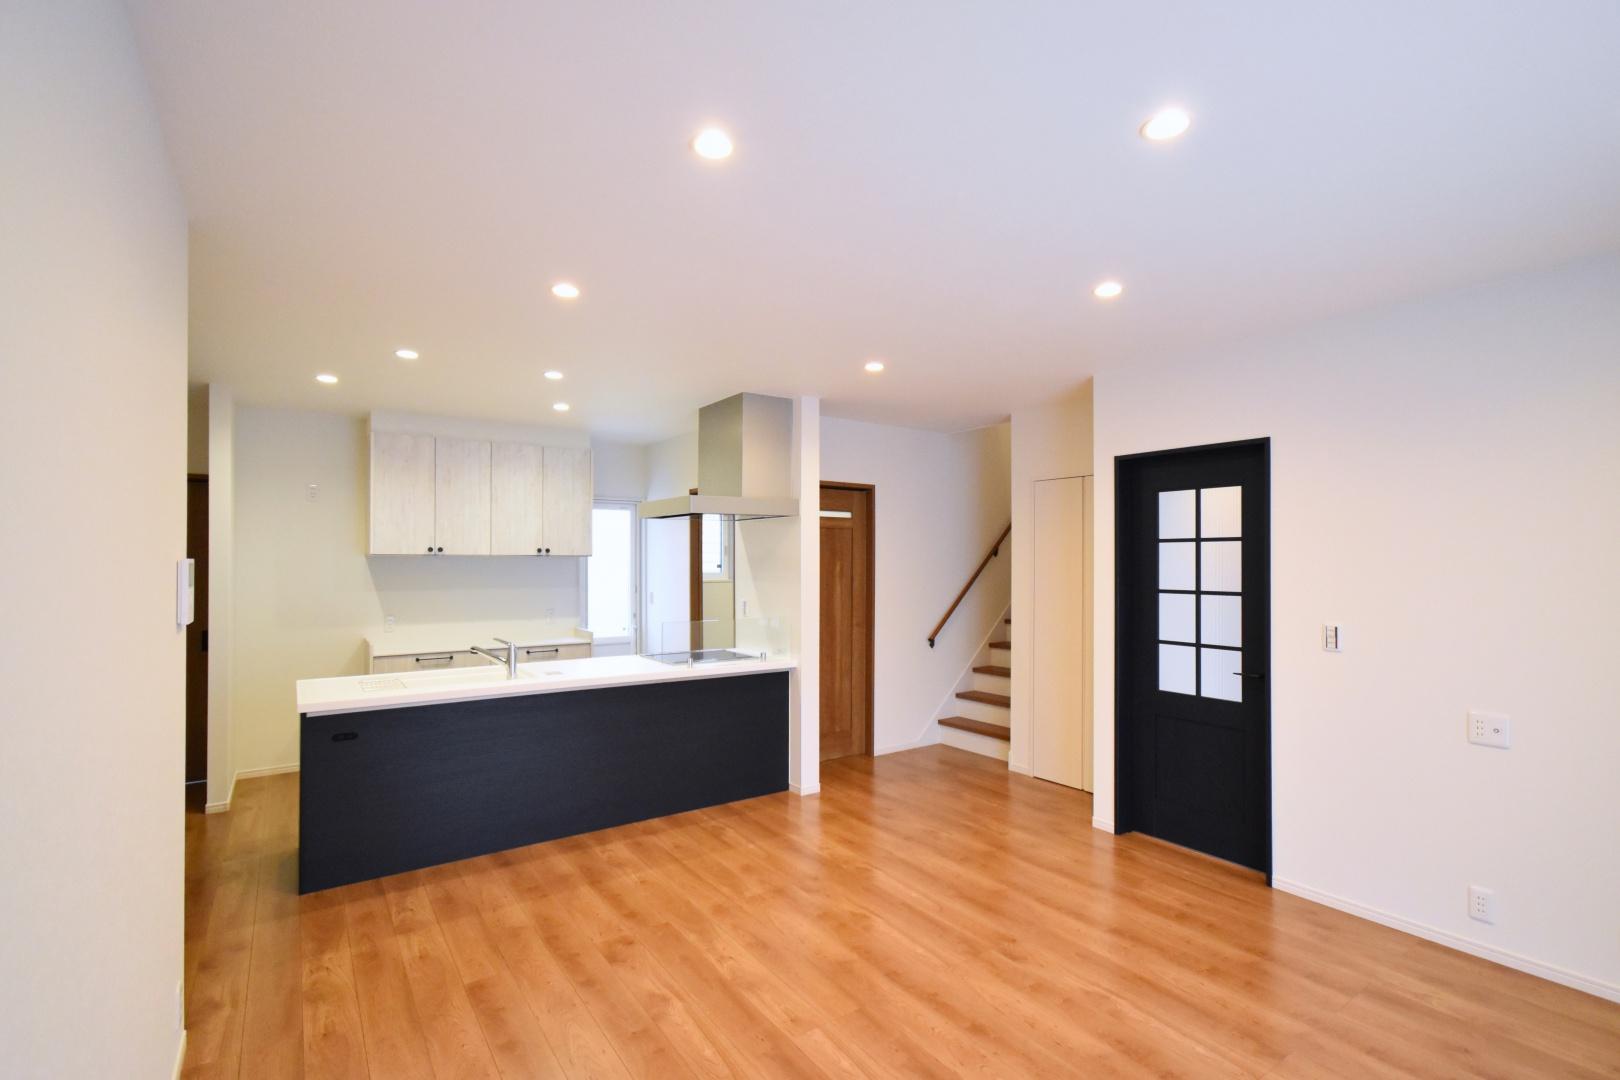 キッチンの背面もドアと同じ ネイビーオーク柄で統一しました。